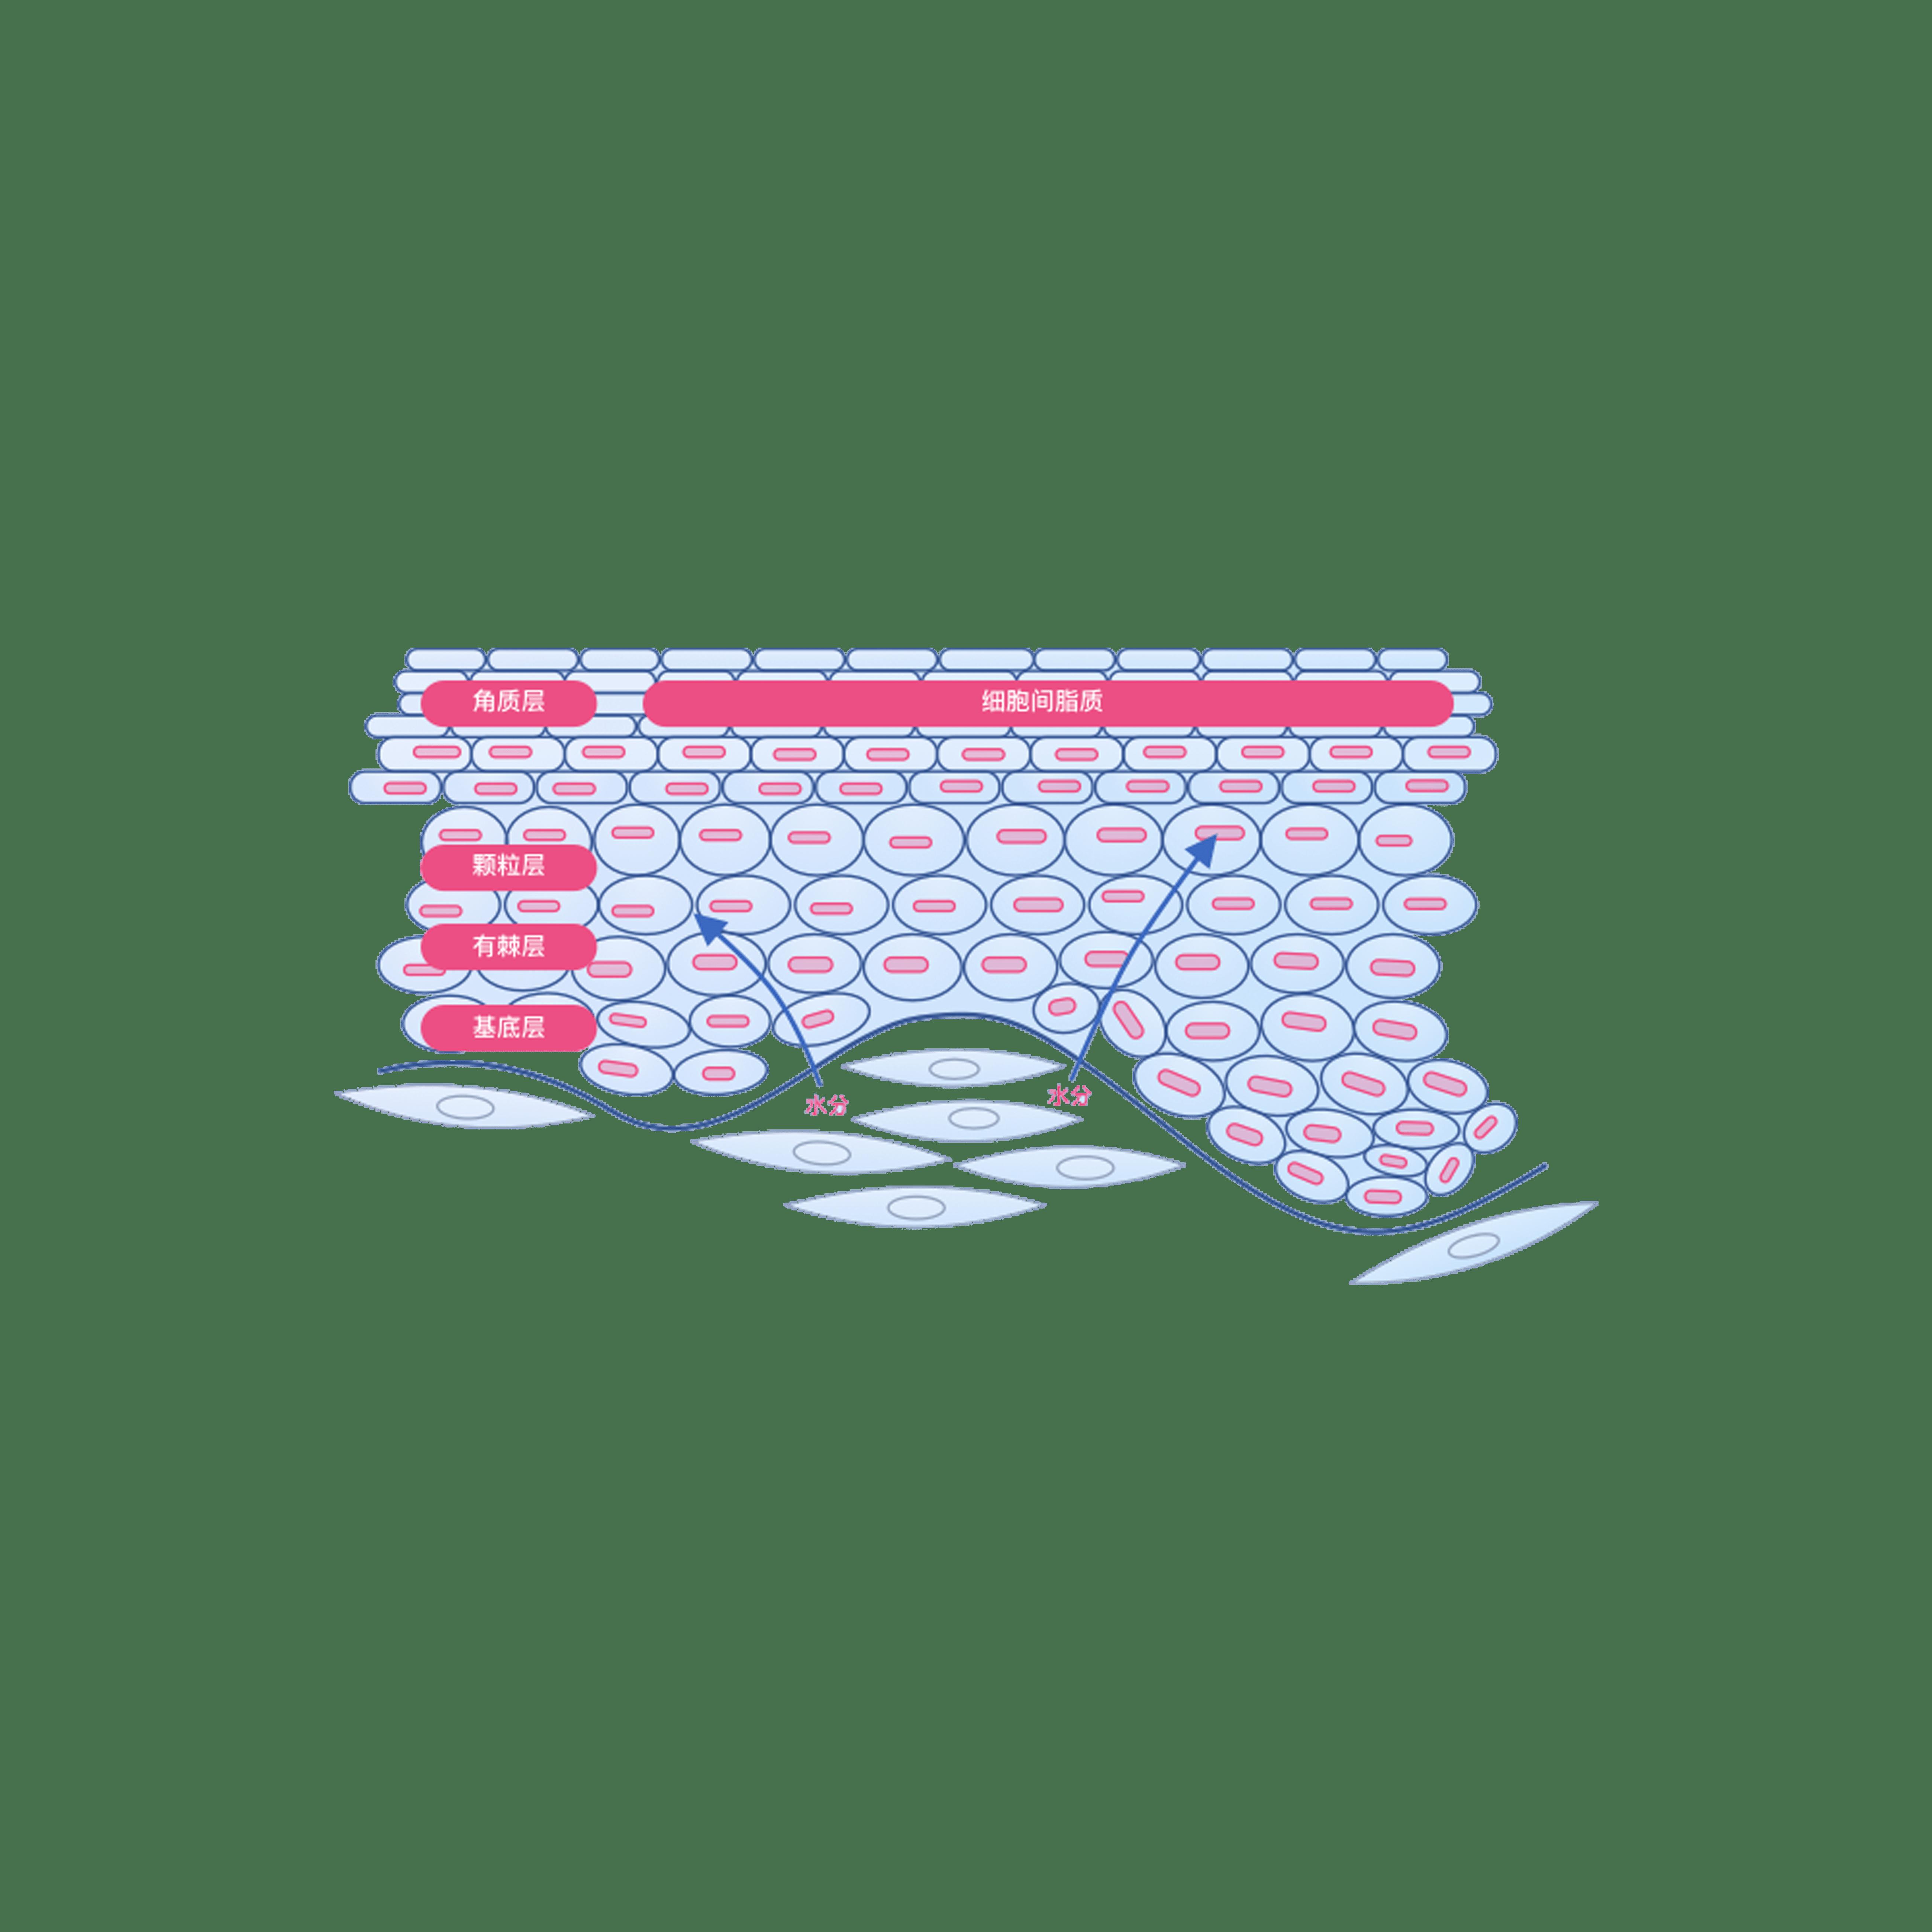 【特应性皮炎】治疗中度至重度特应性皮炎(特应性湿疹)